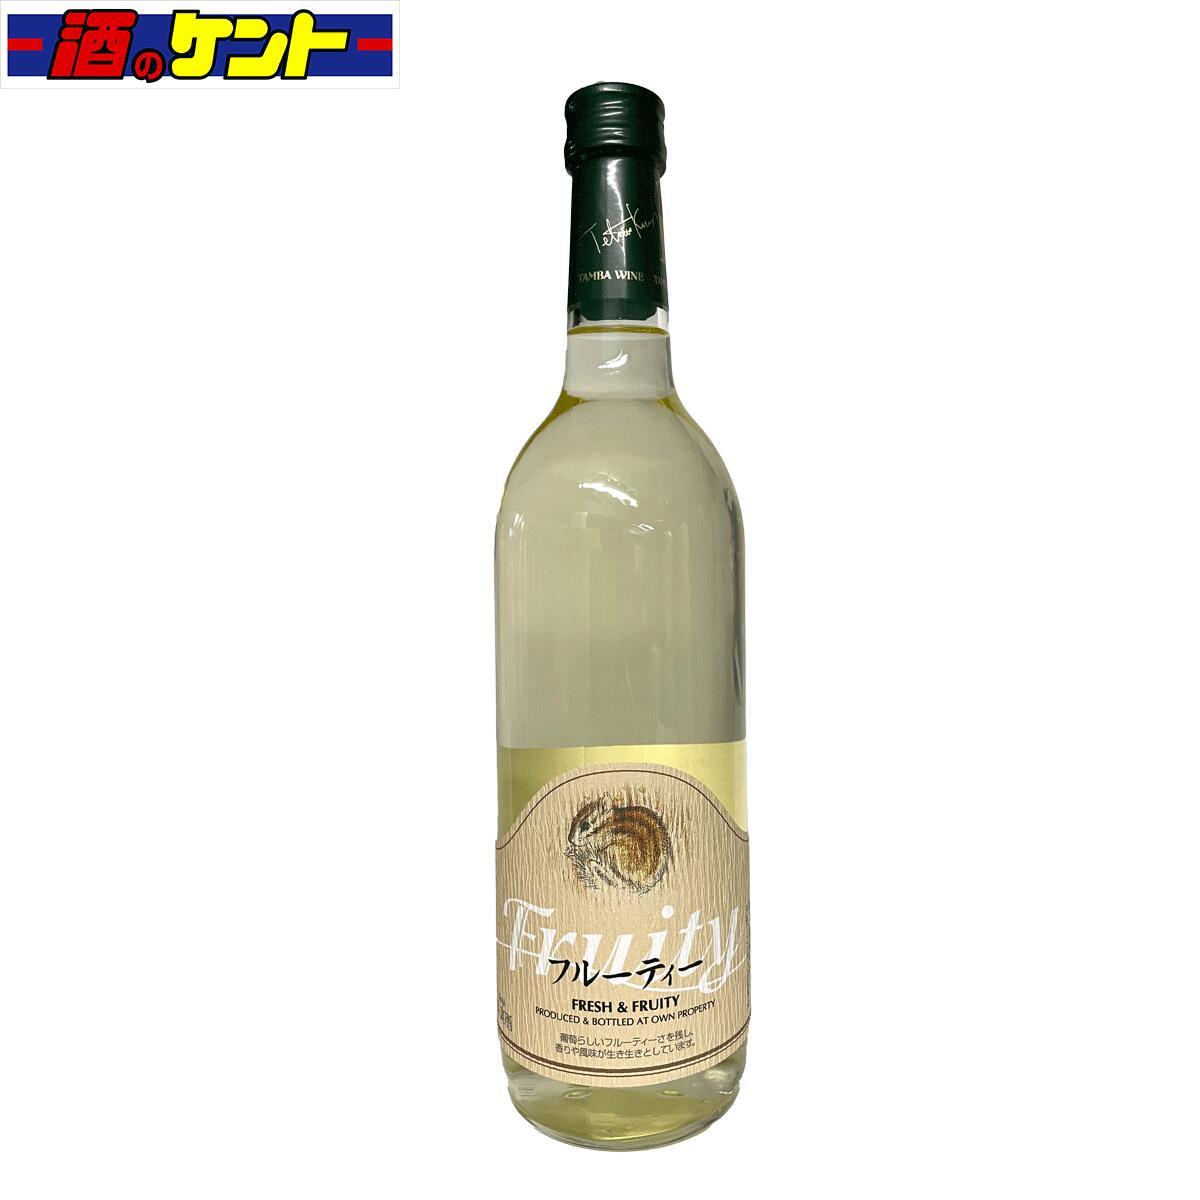 丹波ワイン フルーティ 白